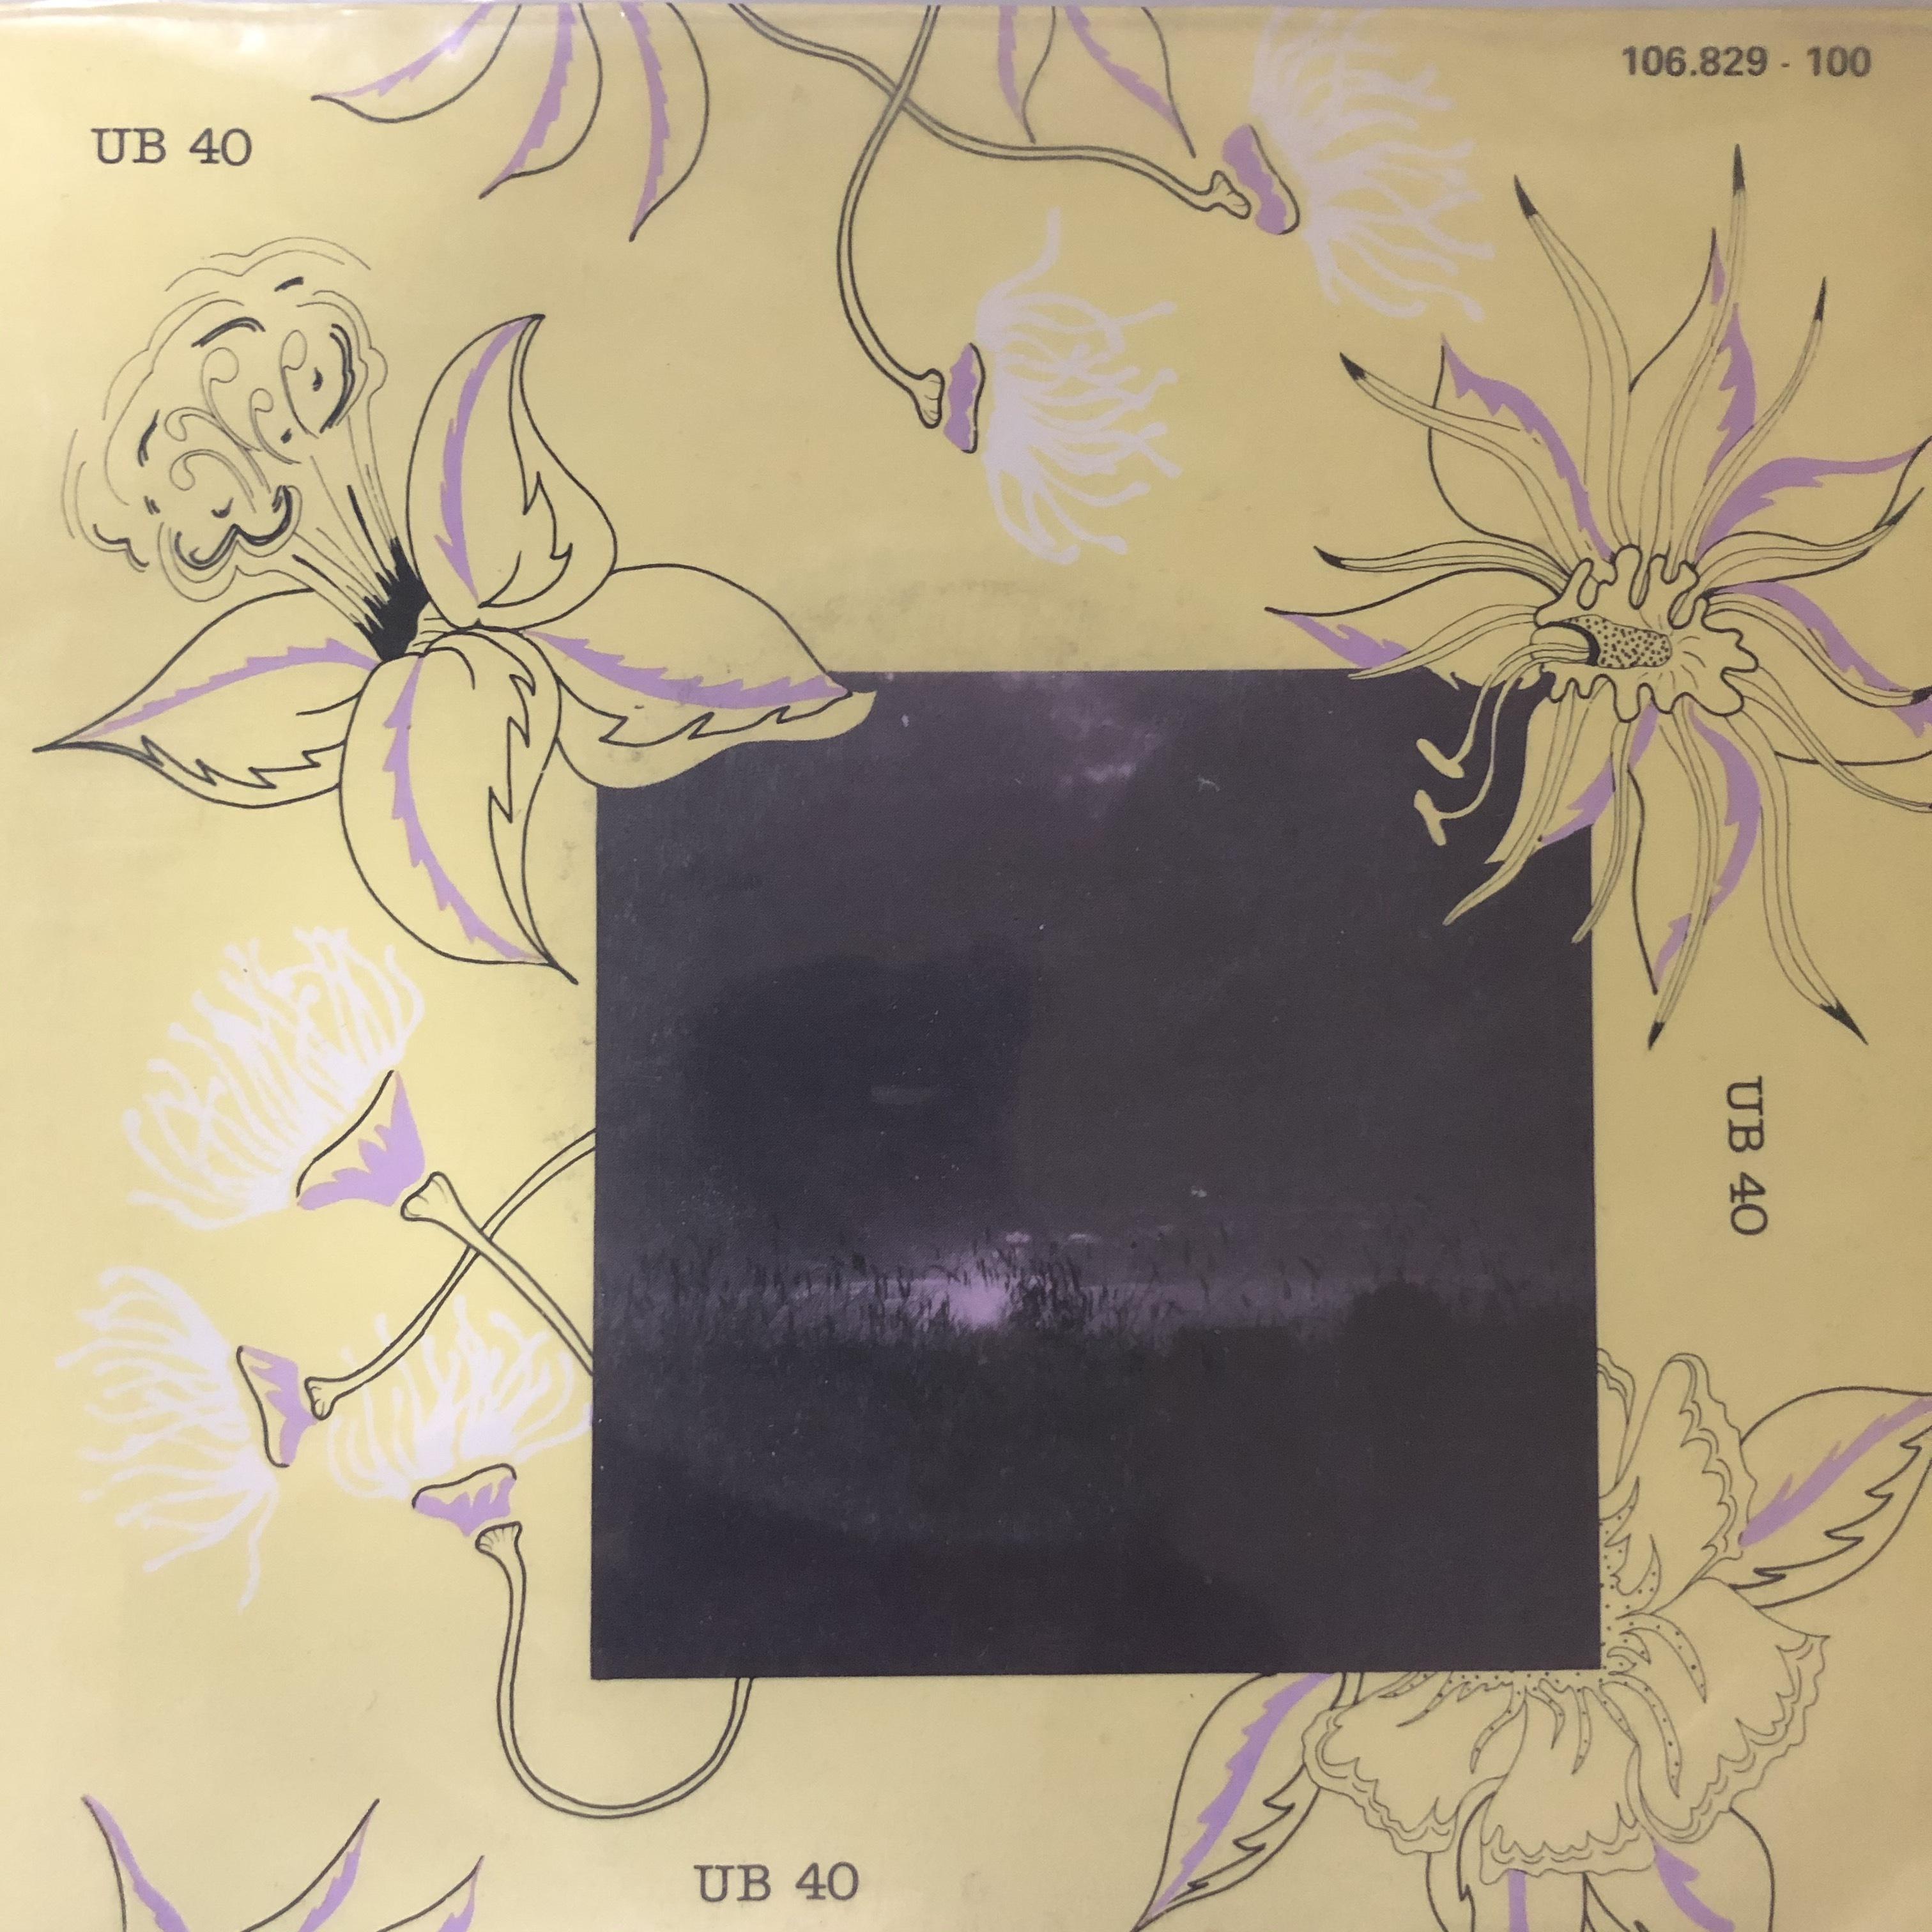 UB 40 - If It Happens Again【7-20546】